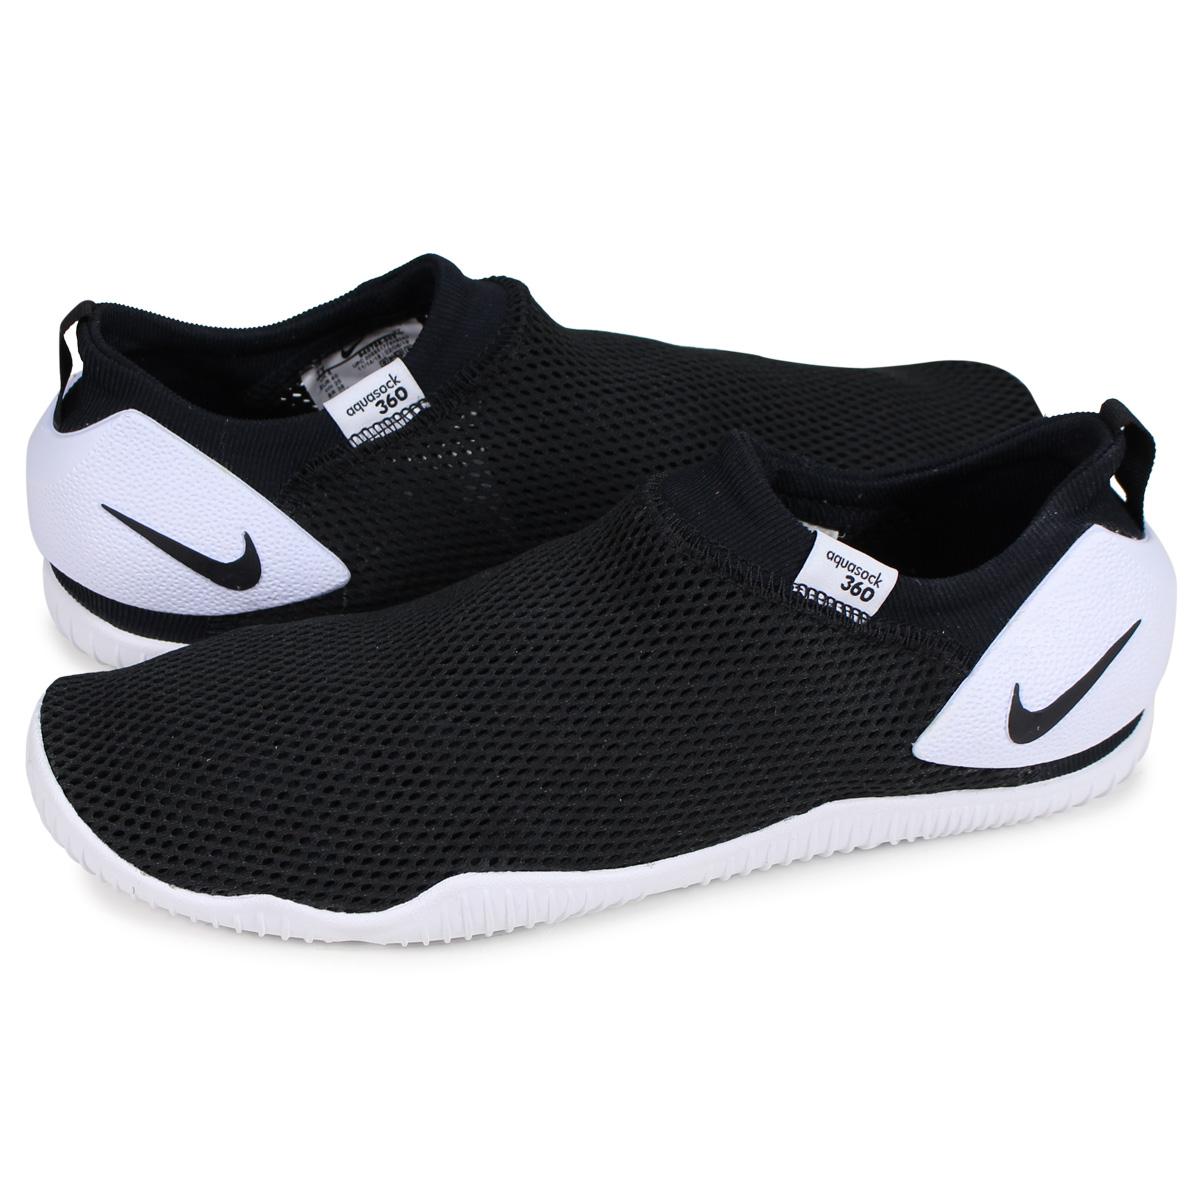 5ba5c5ff3d Nike NIKE アクアソック 360 sneakers water shoes kids AQUA SOCK 360 GS PS black  black 943,758 ...